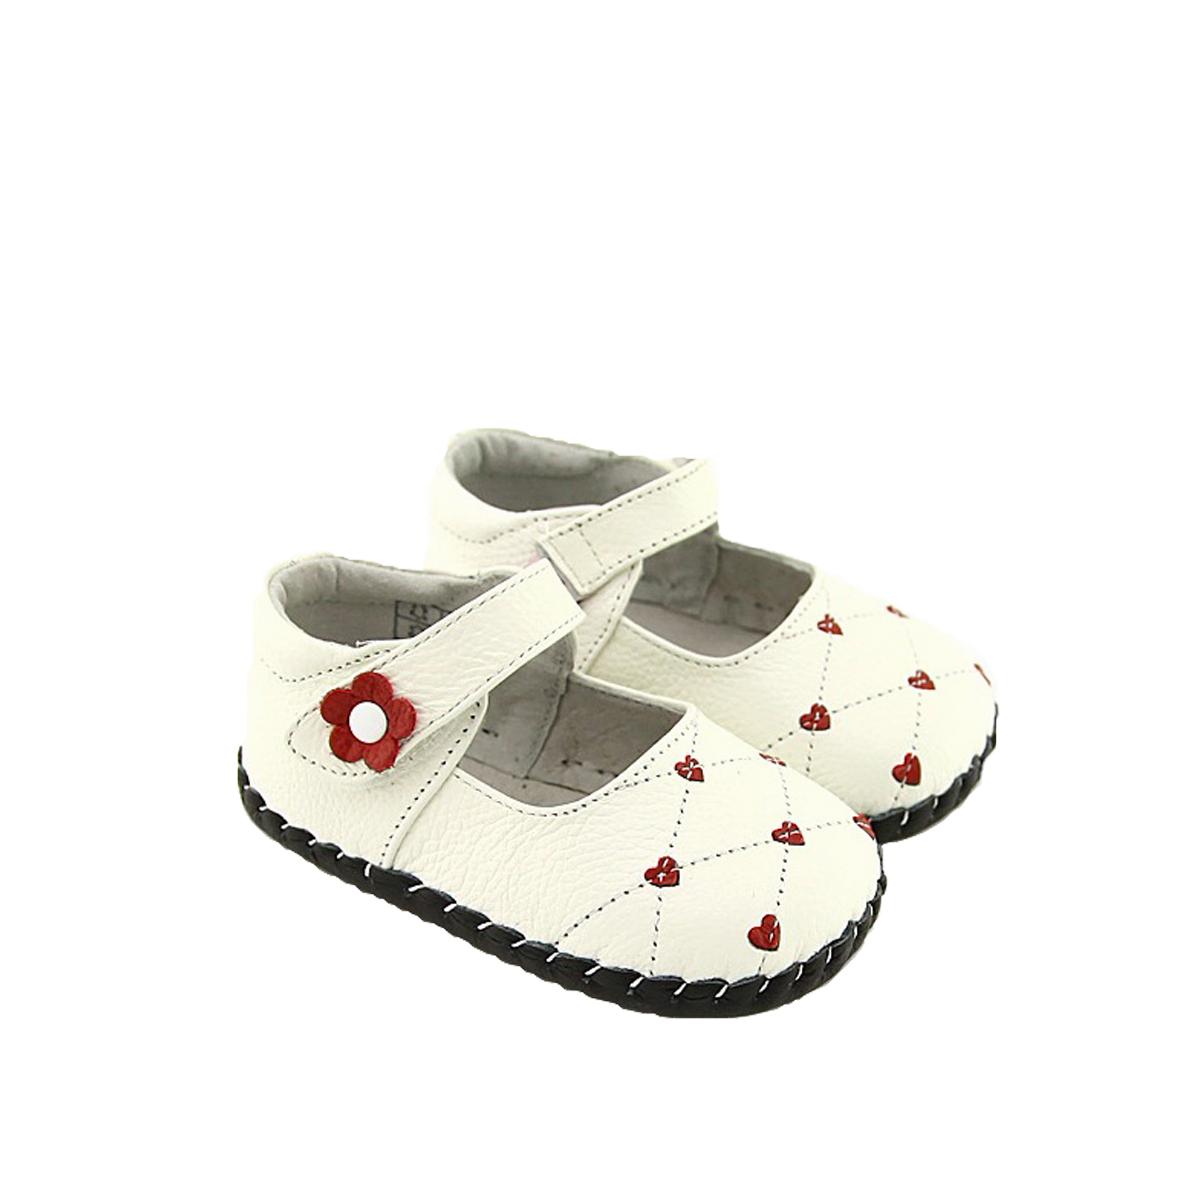 Pas Cuir Premiers Coeur Cdxobe Souple Chaussures À Wiyh29ed Babies OPXk08nw